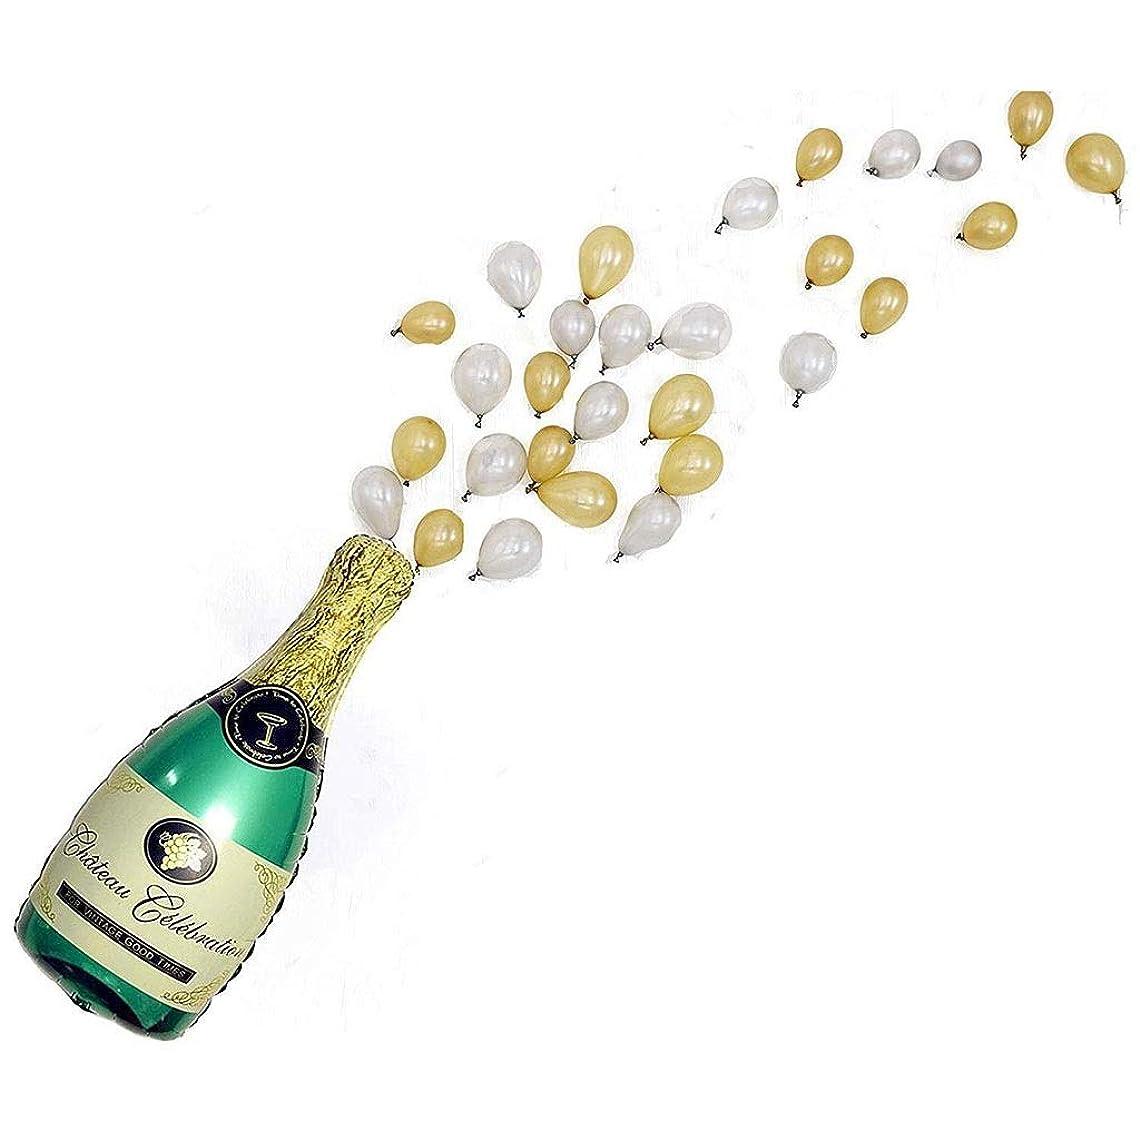 バランス過激派ディプロマLAOHAO 40インチローズゴールドボトルバルーン30金と銀の独身パーティーの装飾ミニラテックスバルーン ワンタイムデコレーション (Color : Green)